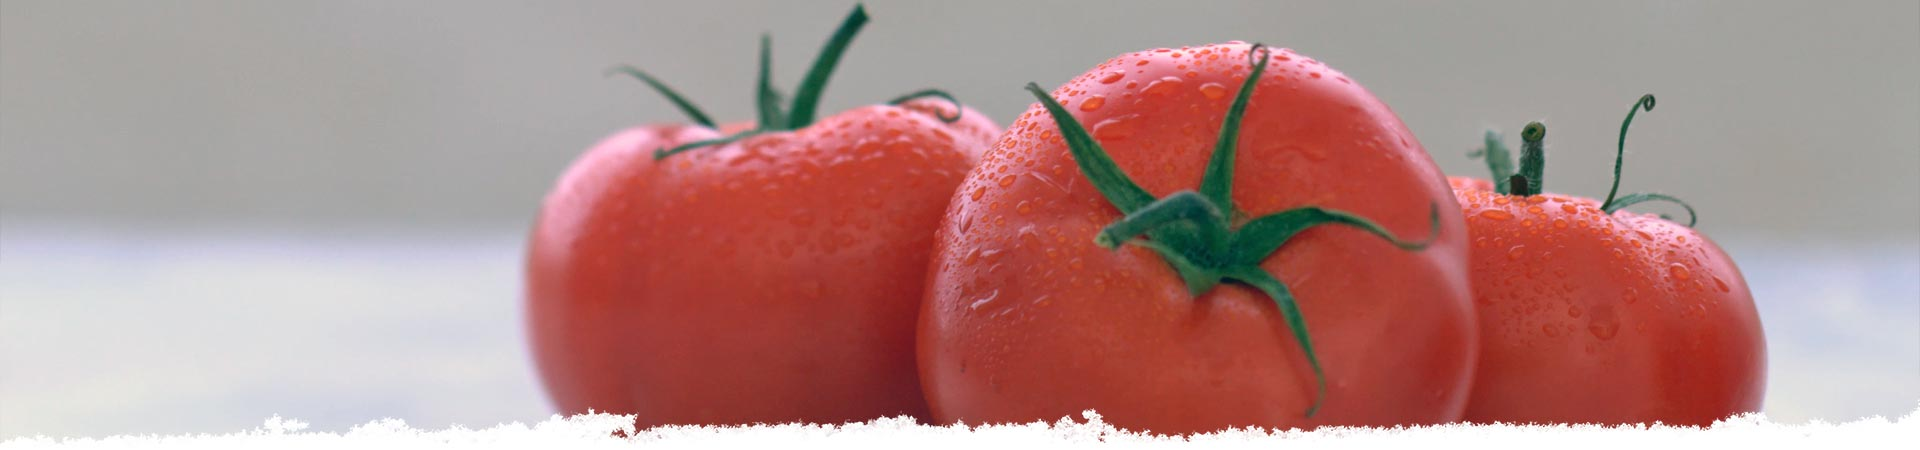 Pick the Perfect Tomato